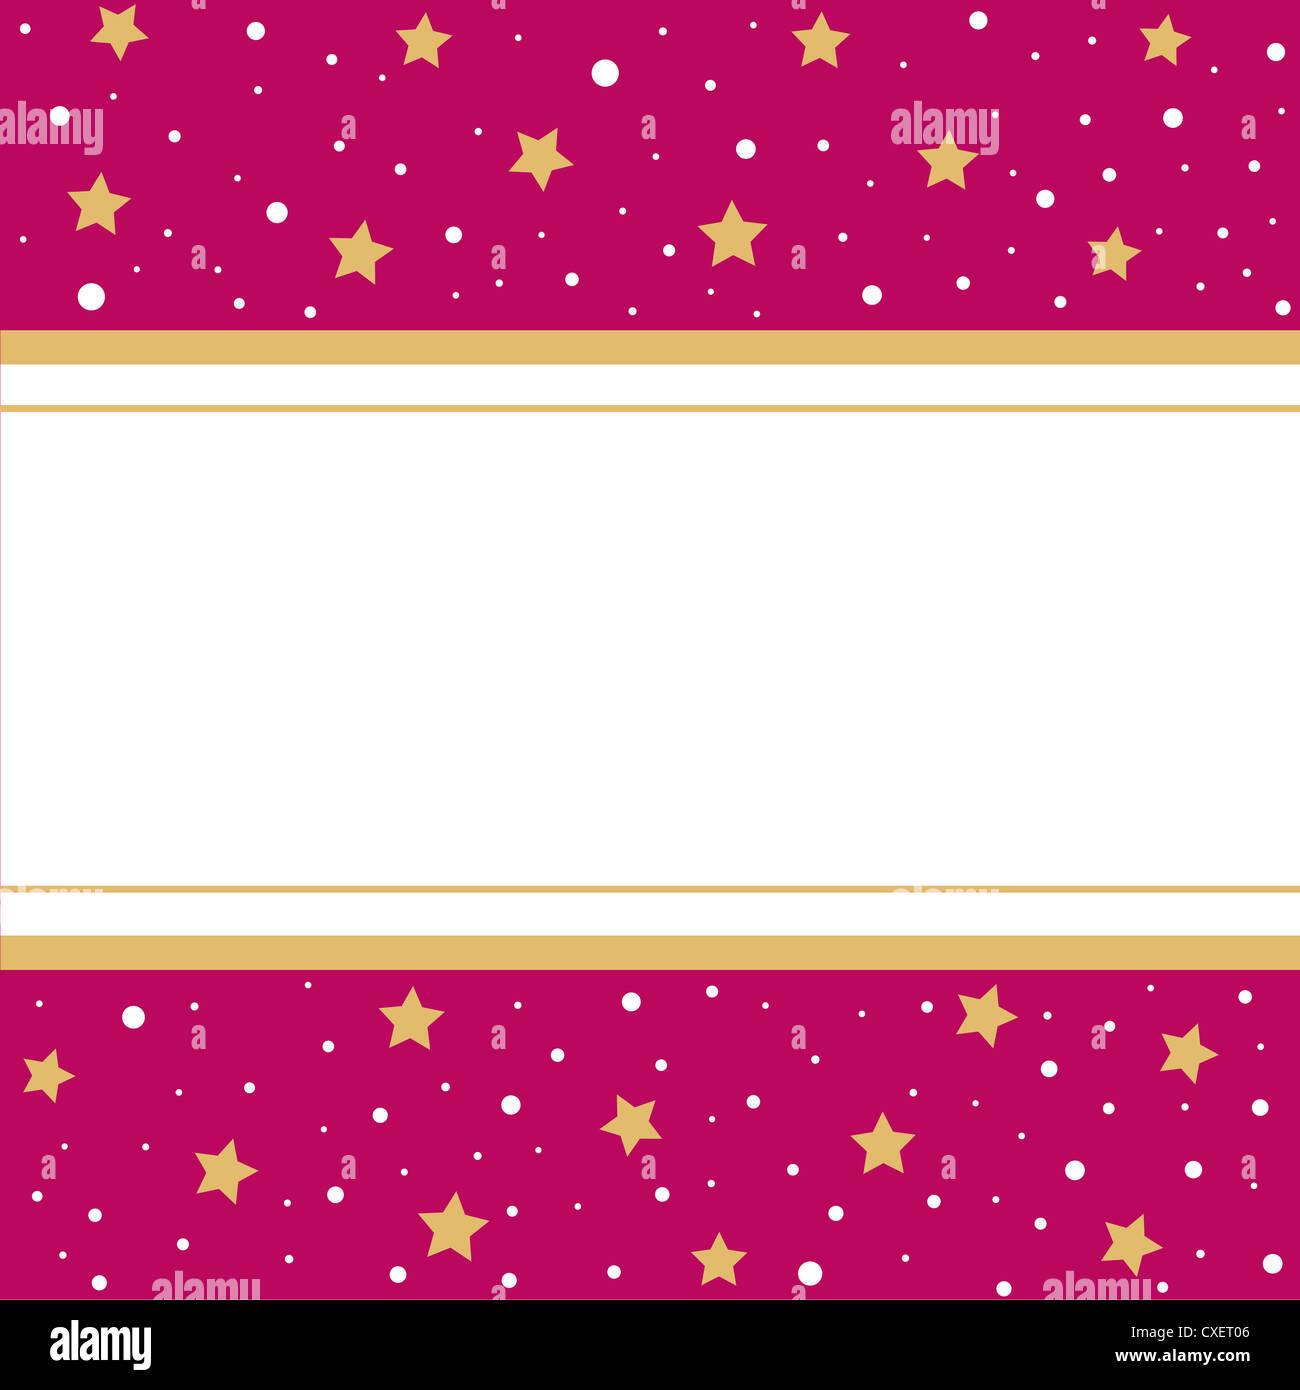 Golden stars pink border frame Stock Photo